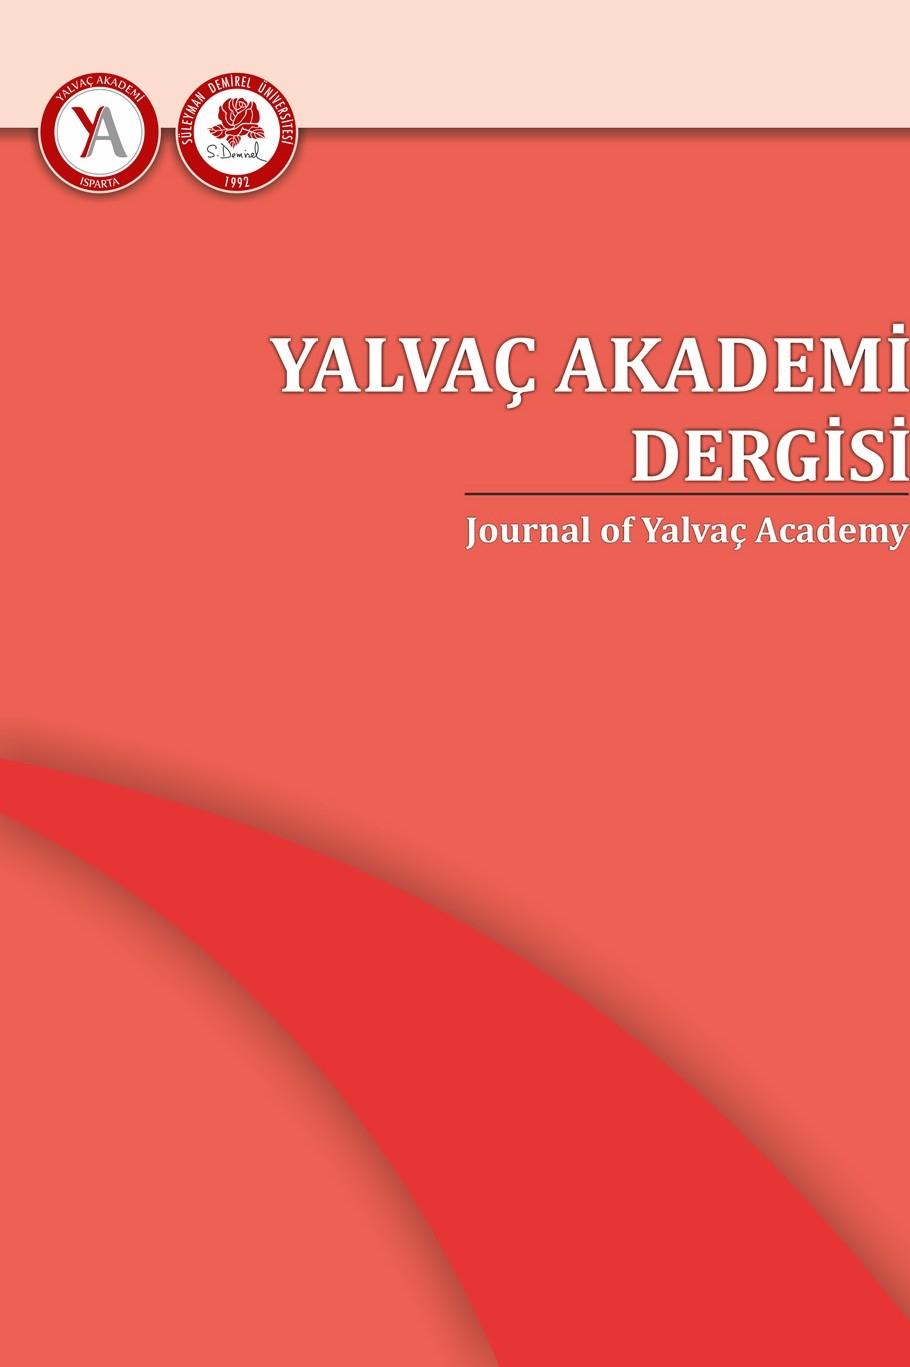 Yalvaç Akademi Dergisi